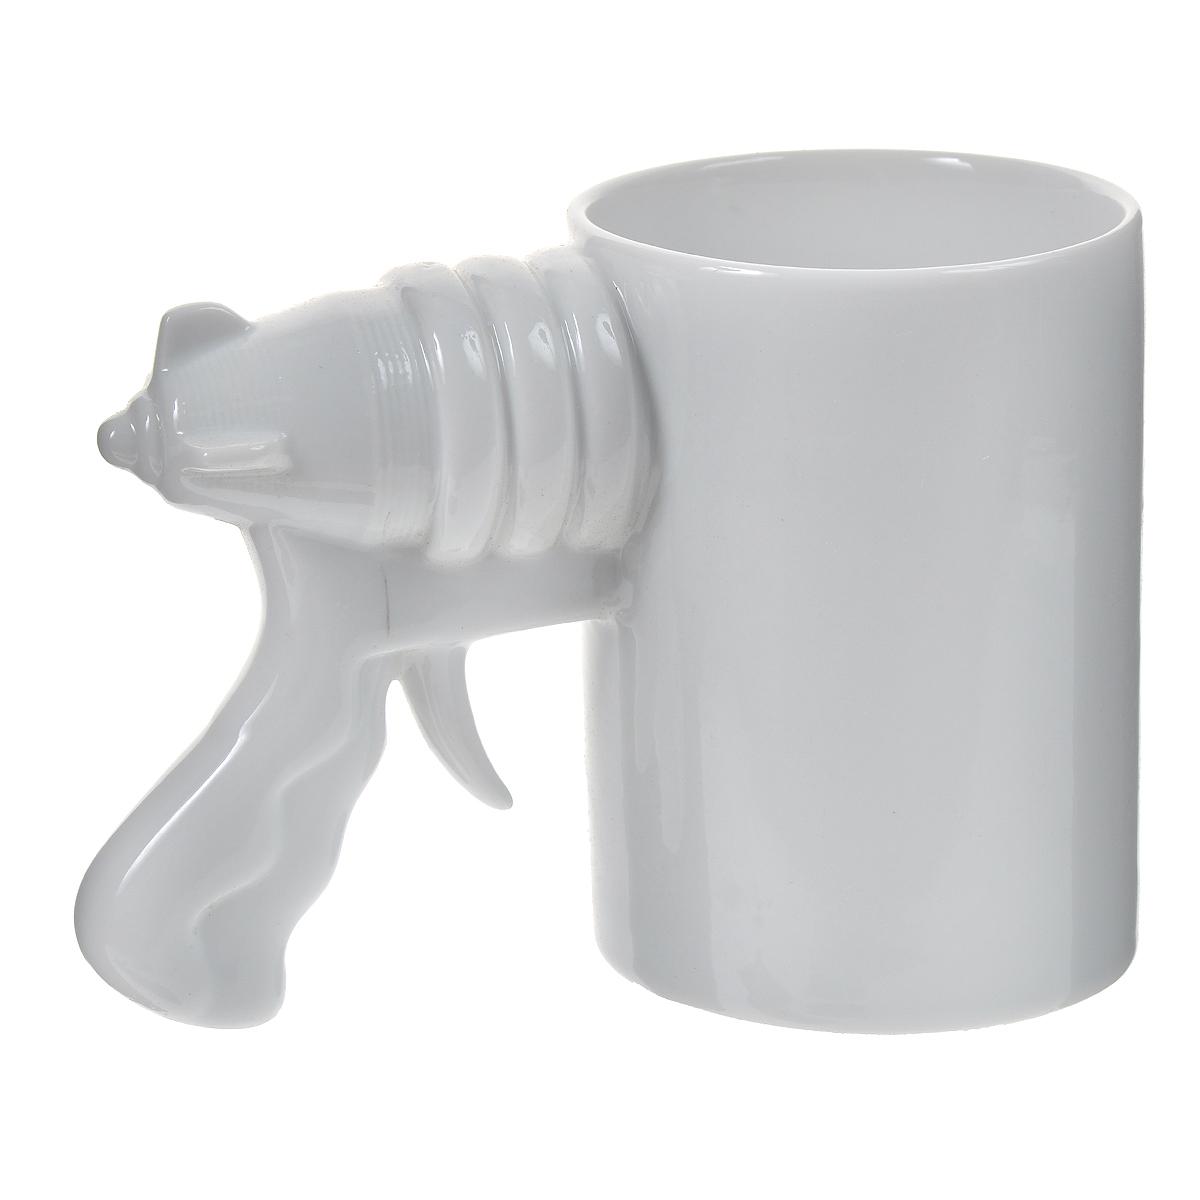 """Оригинальная кружка """"Бластер"""" выполнена из керамики. Ручка кружки выполнена в виде рукоятки бластера. Такая кружка станет не только приятным, но и практичным сувениром, а оригинальный дизайн вызовет улыбку. Характеристики:  Материал:  керамика. Высота кружки:  10,2 см. Диаметр по верхнему краю: 7,5 см. Размер упаковки:  12,5 см х 9 см х 15,3 см. Артикул: 003430."""